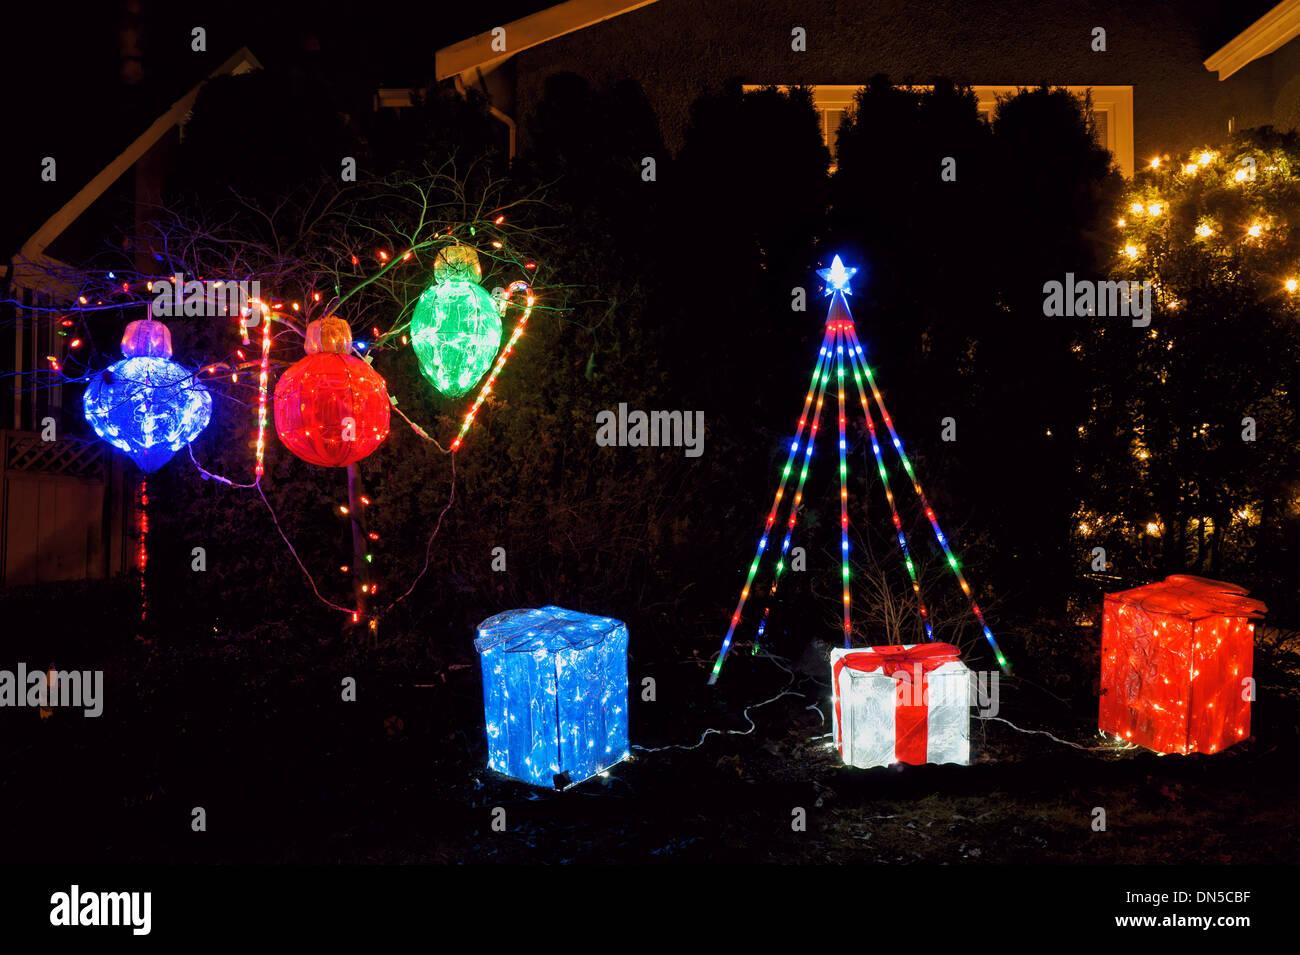 Christmas Lighting Display Stock Photos & Christmas Lighting Display ...